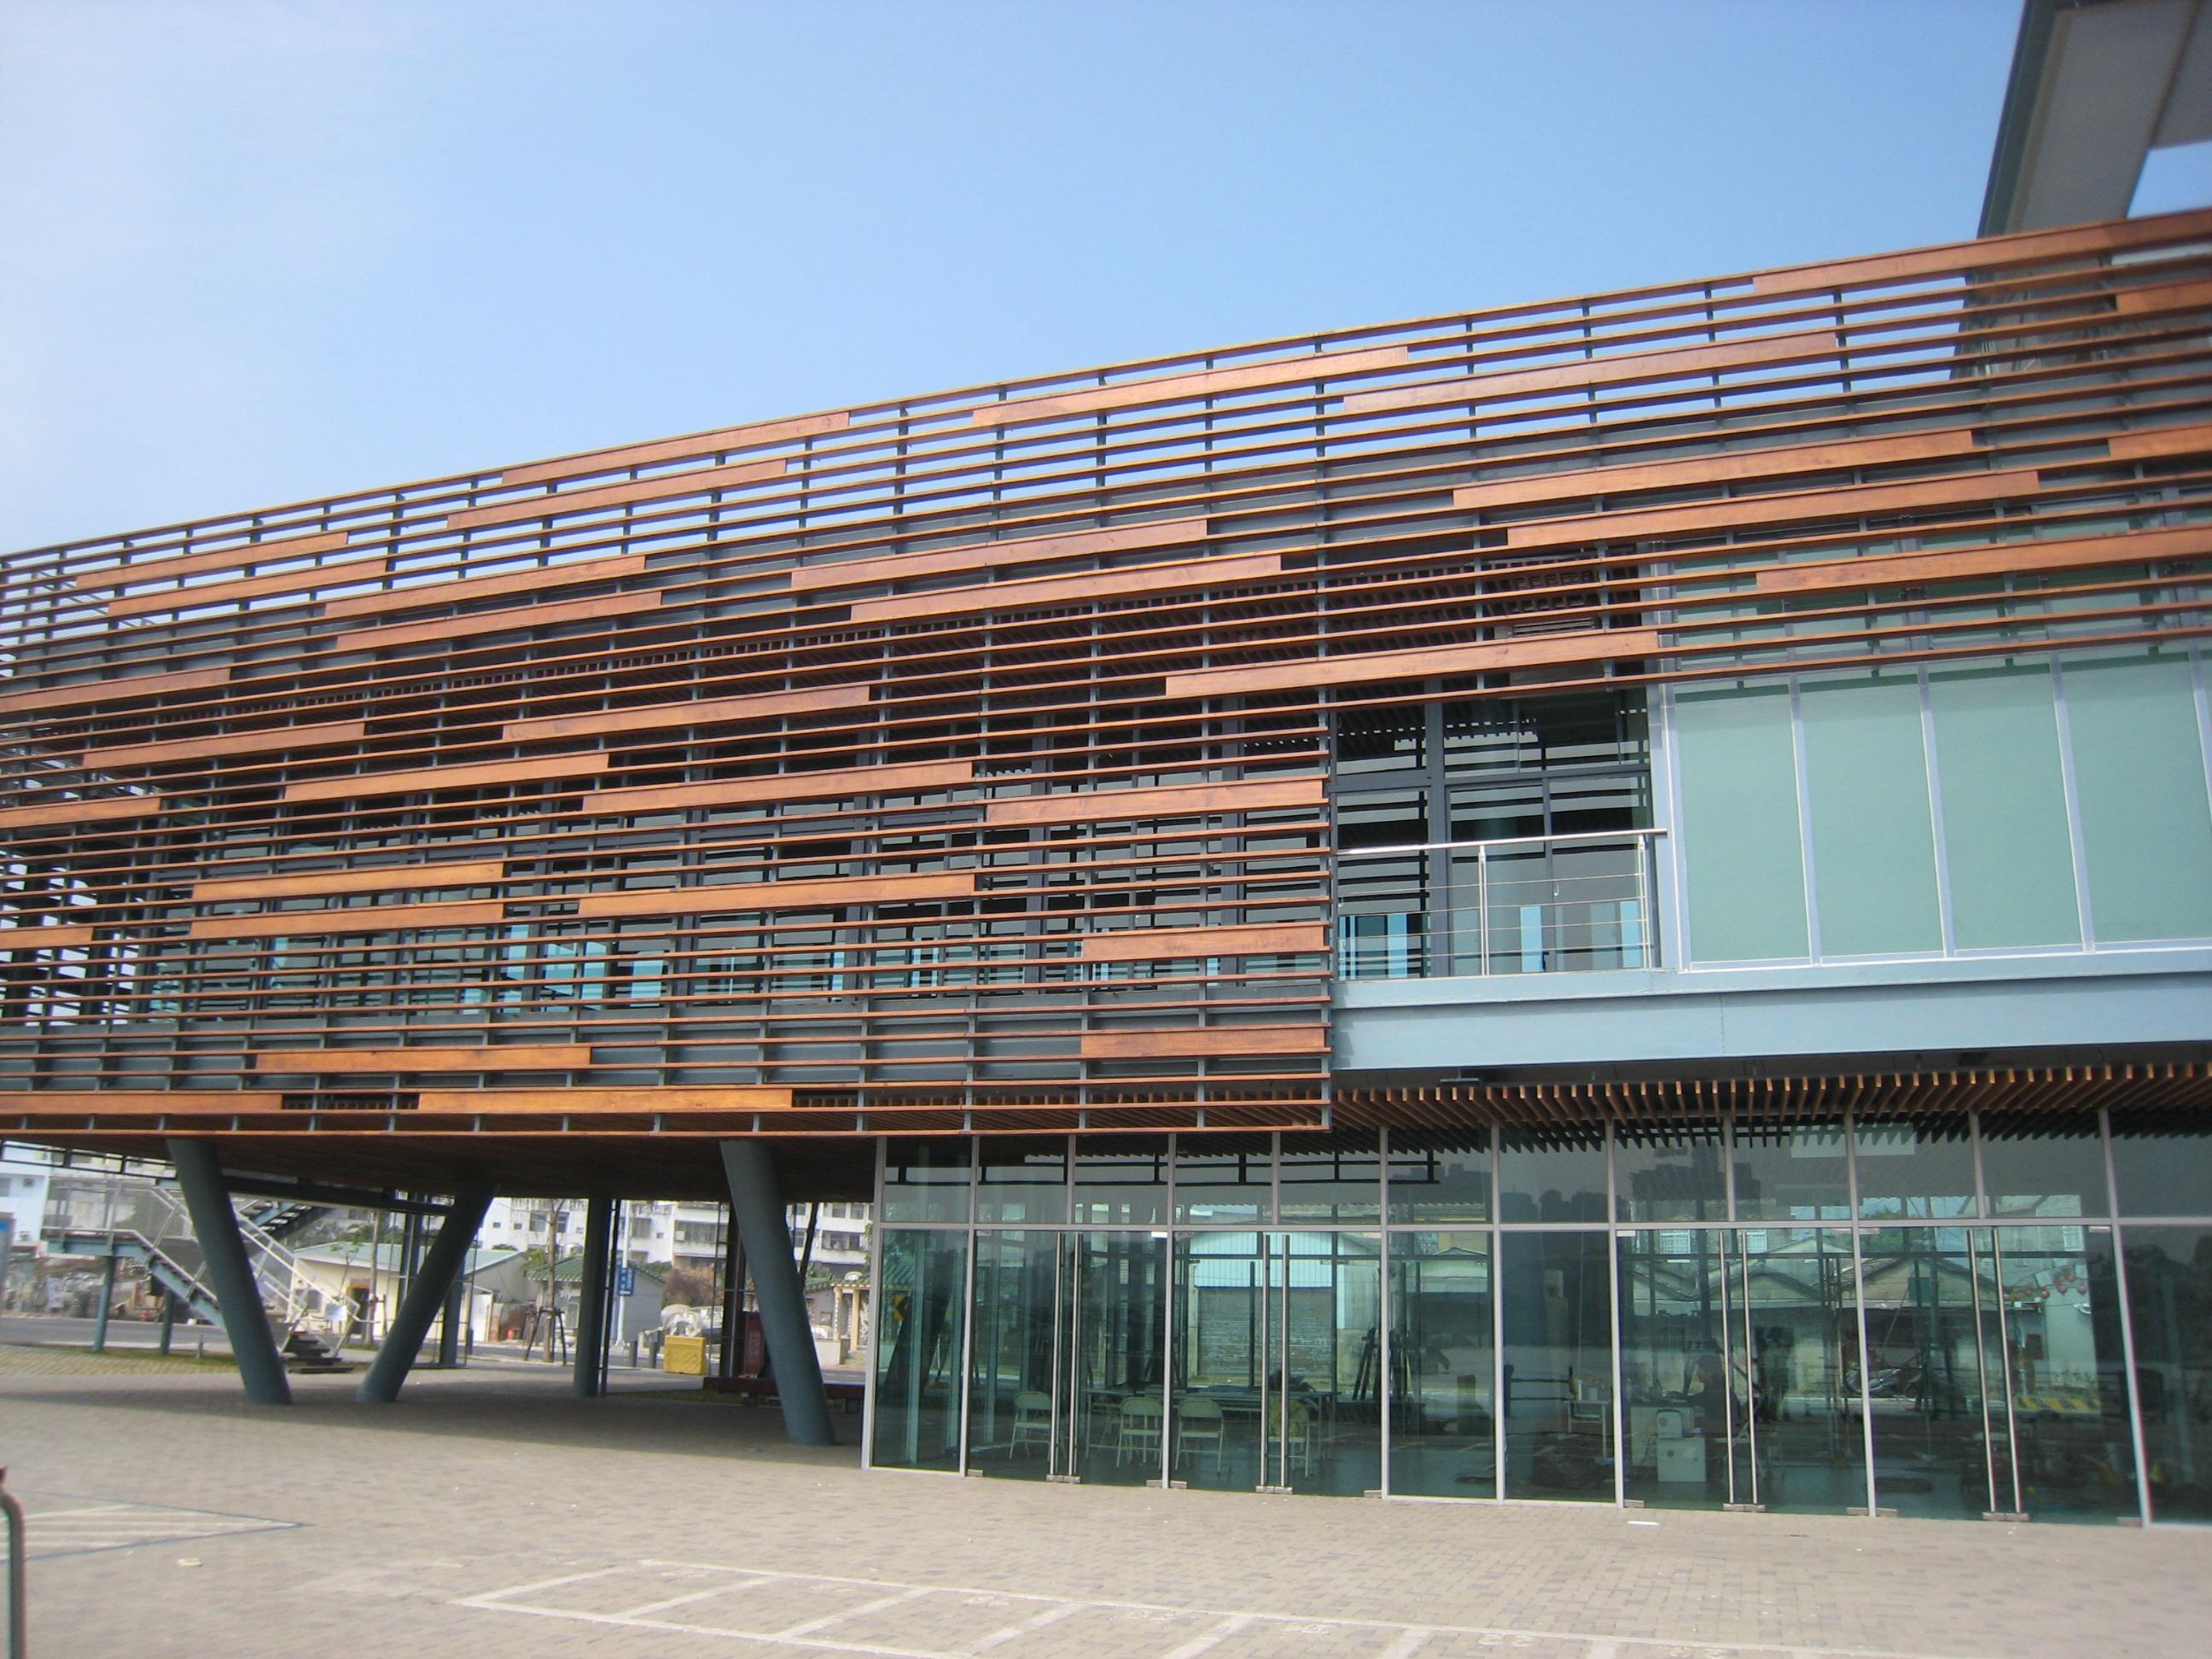 邁向永續都市-臺南市都市設計審議原則發布實施